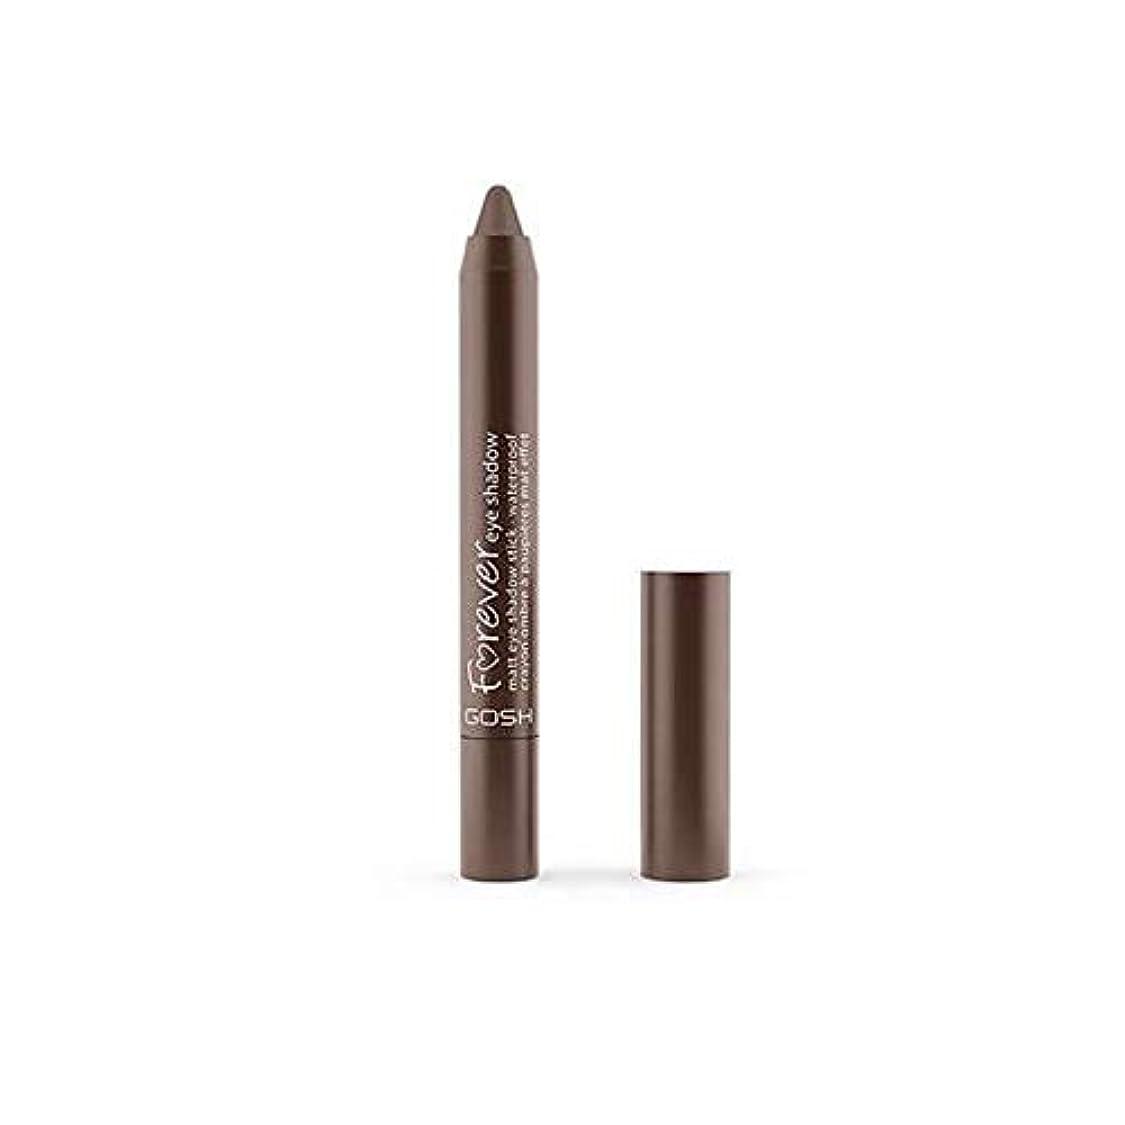 爵自分束ねる[GOSH ] おやっ永遠にシングルアイシャドウクレヨン11のD /ブラウン1.5グラムをマット - Gosh Forever Matte Single Eyeshadow Crayon 11 D/Brown 1.5G [並行輸入品]